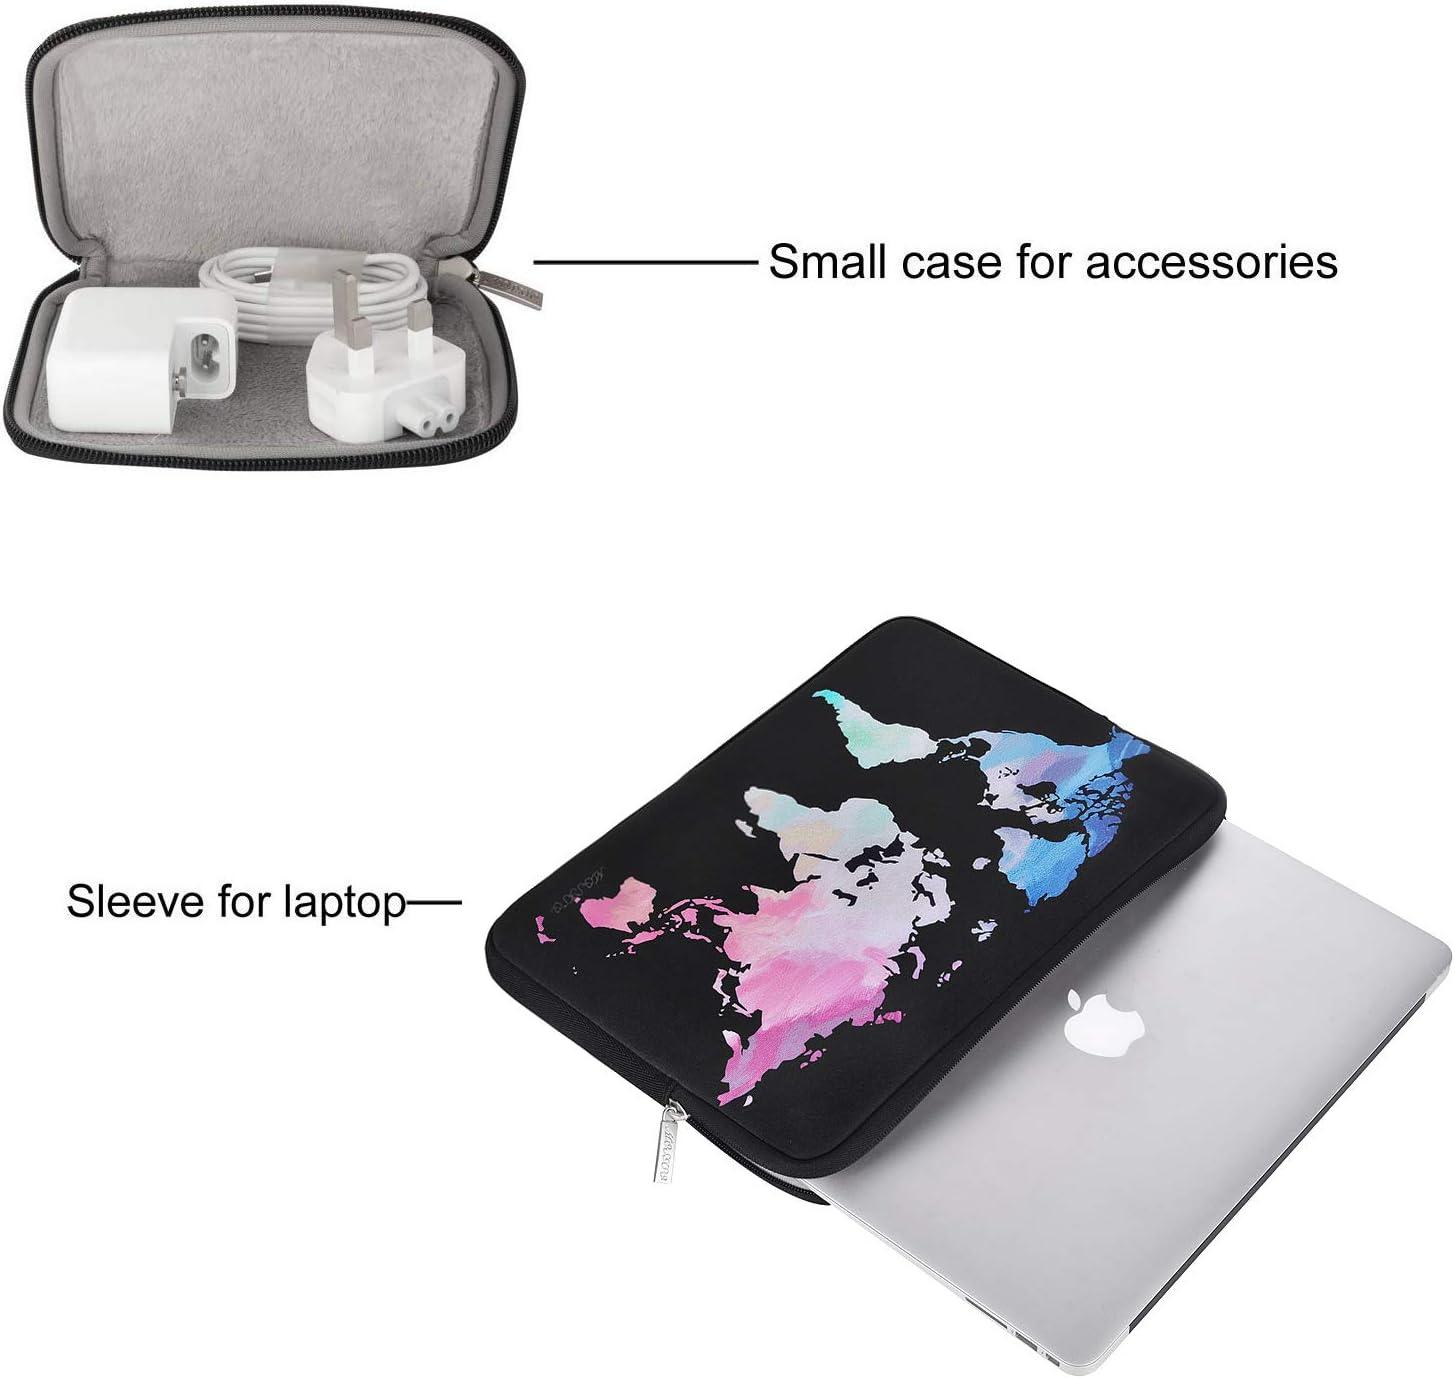 Idrorepellente Neoprene World Map Bag con Small Case 13 MacBook PRO A2251 A2289 A2159 A1989 A1706 A1708 MOSISO Laptop Sleeve Compatibile con 2018-2020 MacBook Air 13 Pollici A2179 A1932